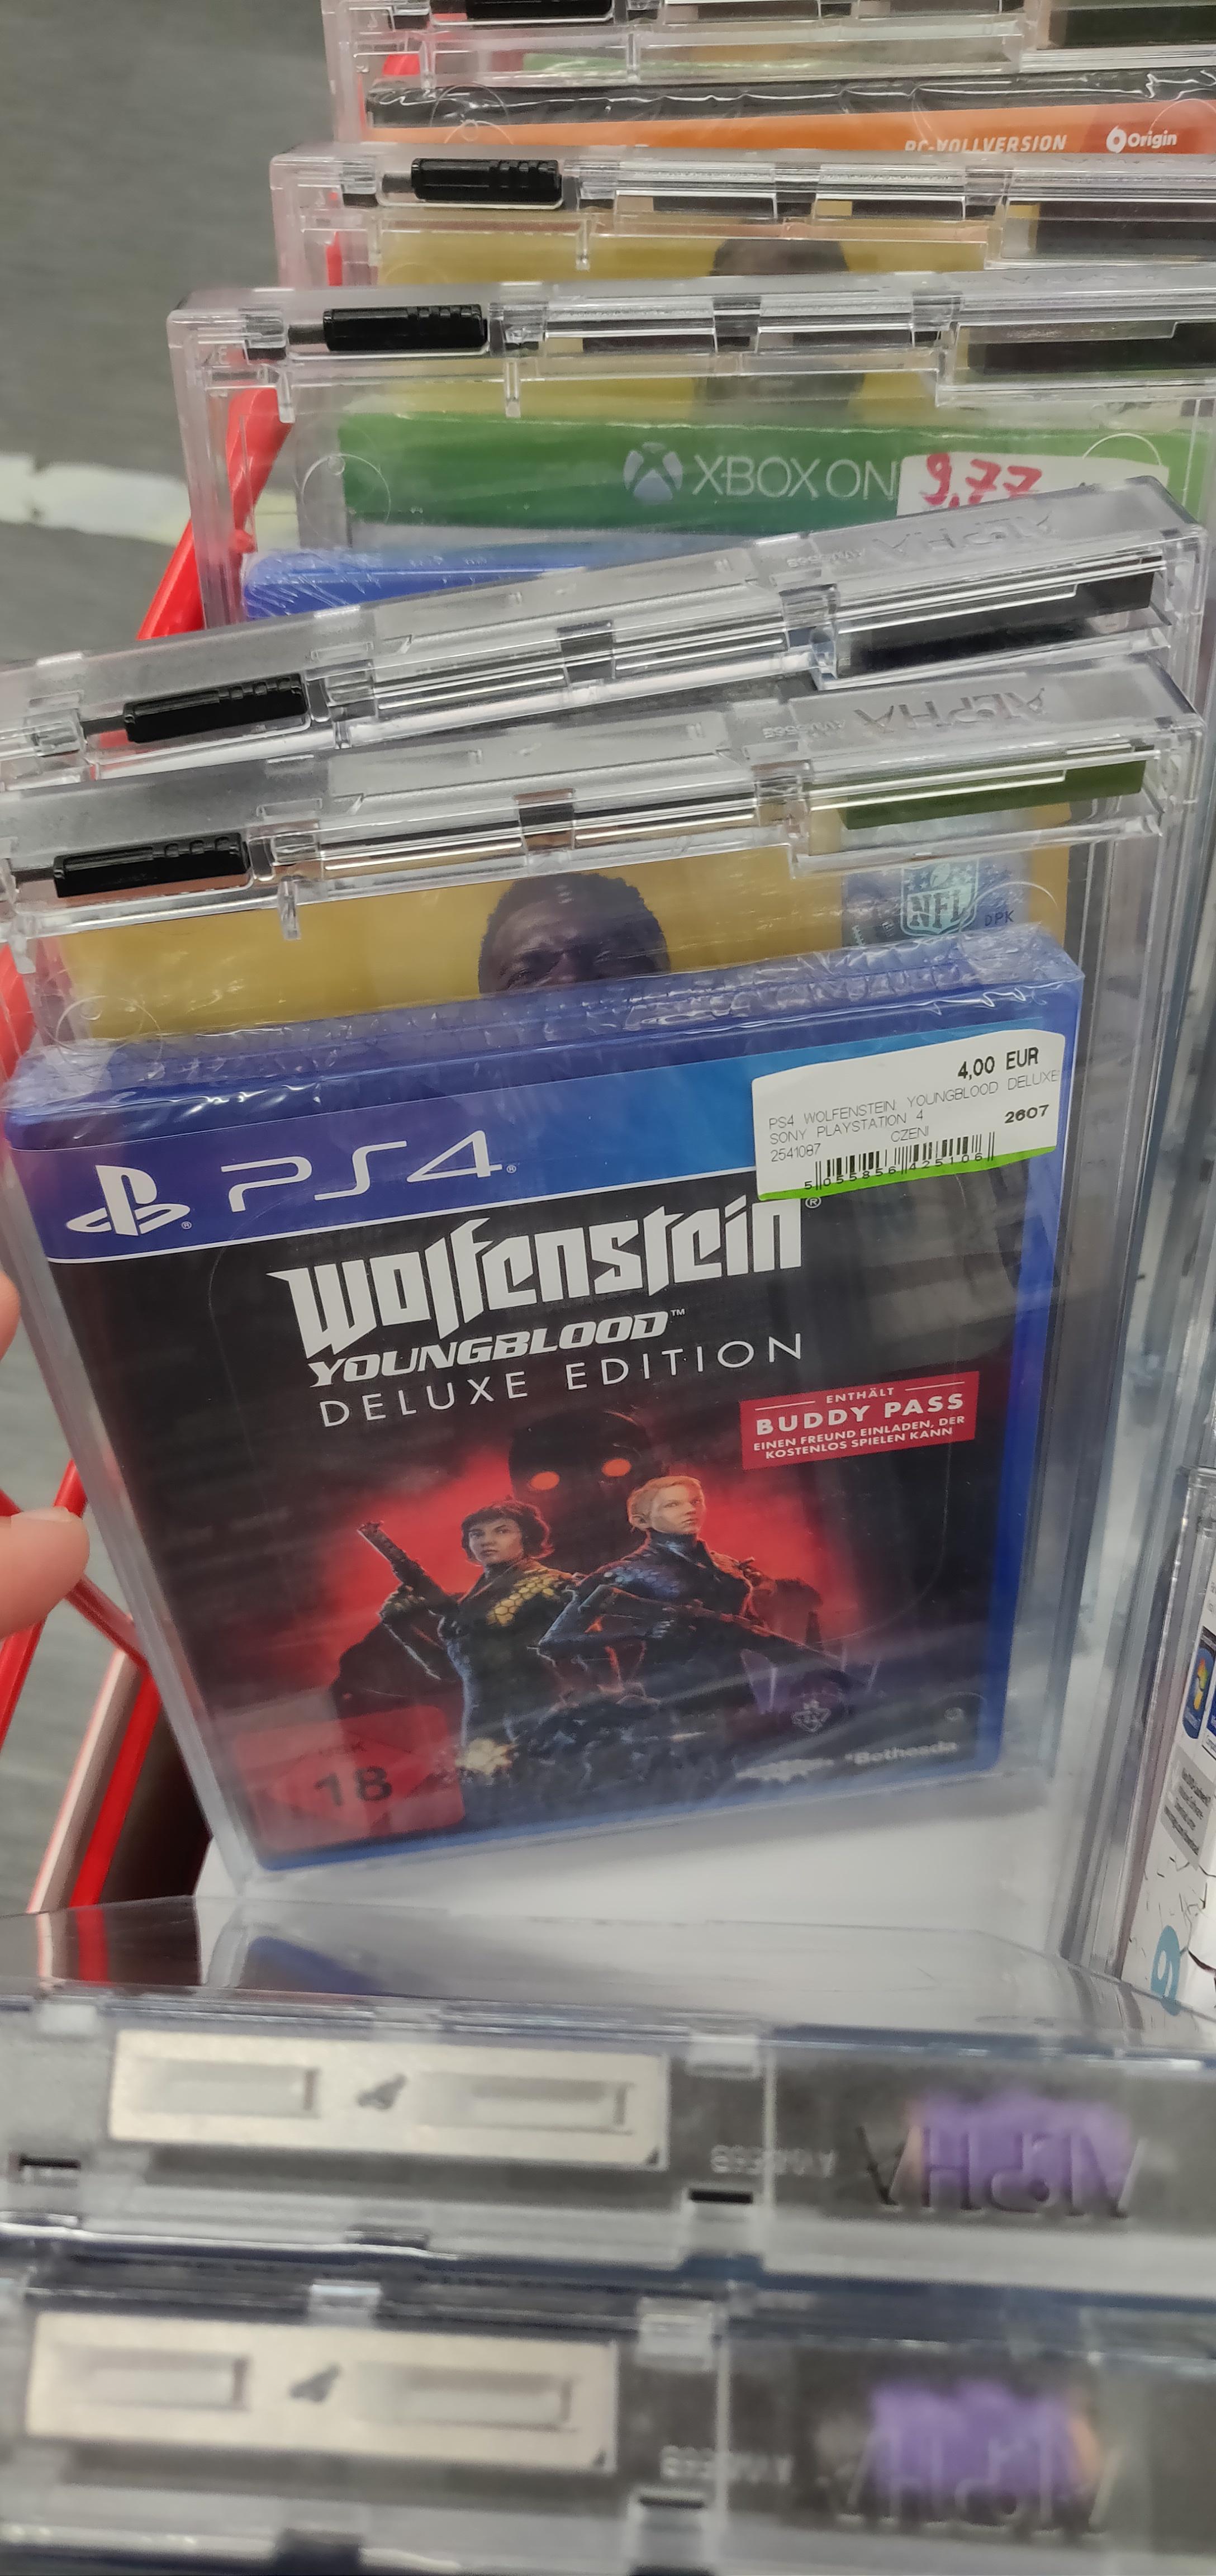 [Lokal Media Markt München Einstein] Div. Spiele PS4, Xbox, Switch, PC (Wolfenstein Youngblood, Demon X Machina)